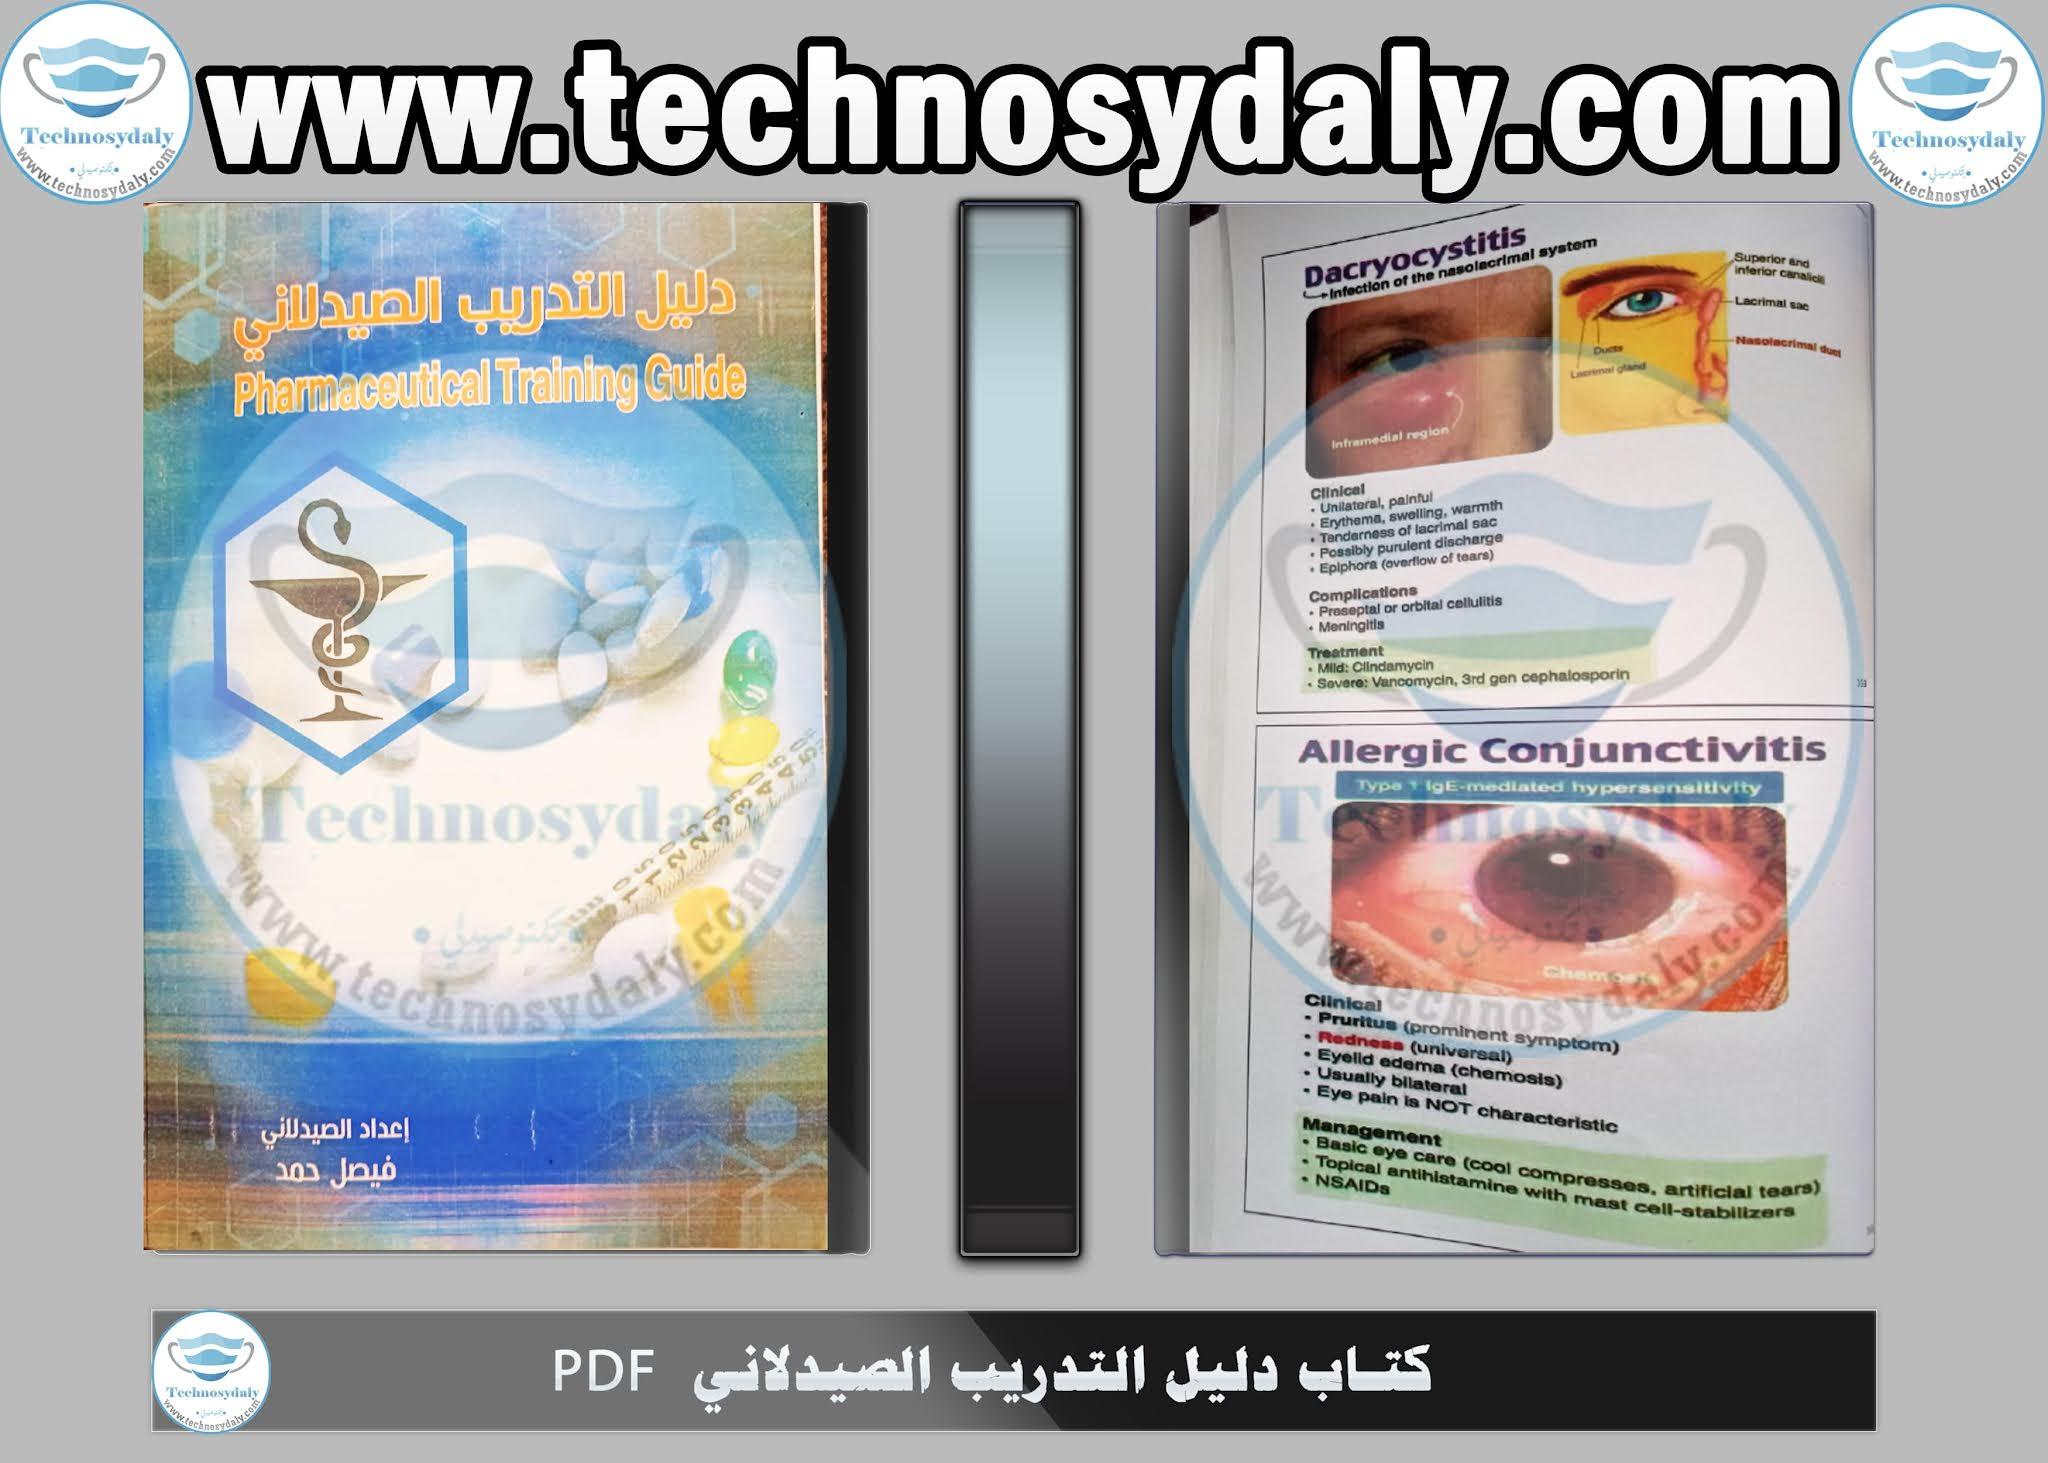 كتاب دليل التدريب الصيدلاني pharmaceutical training guide book pdf